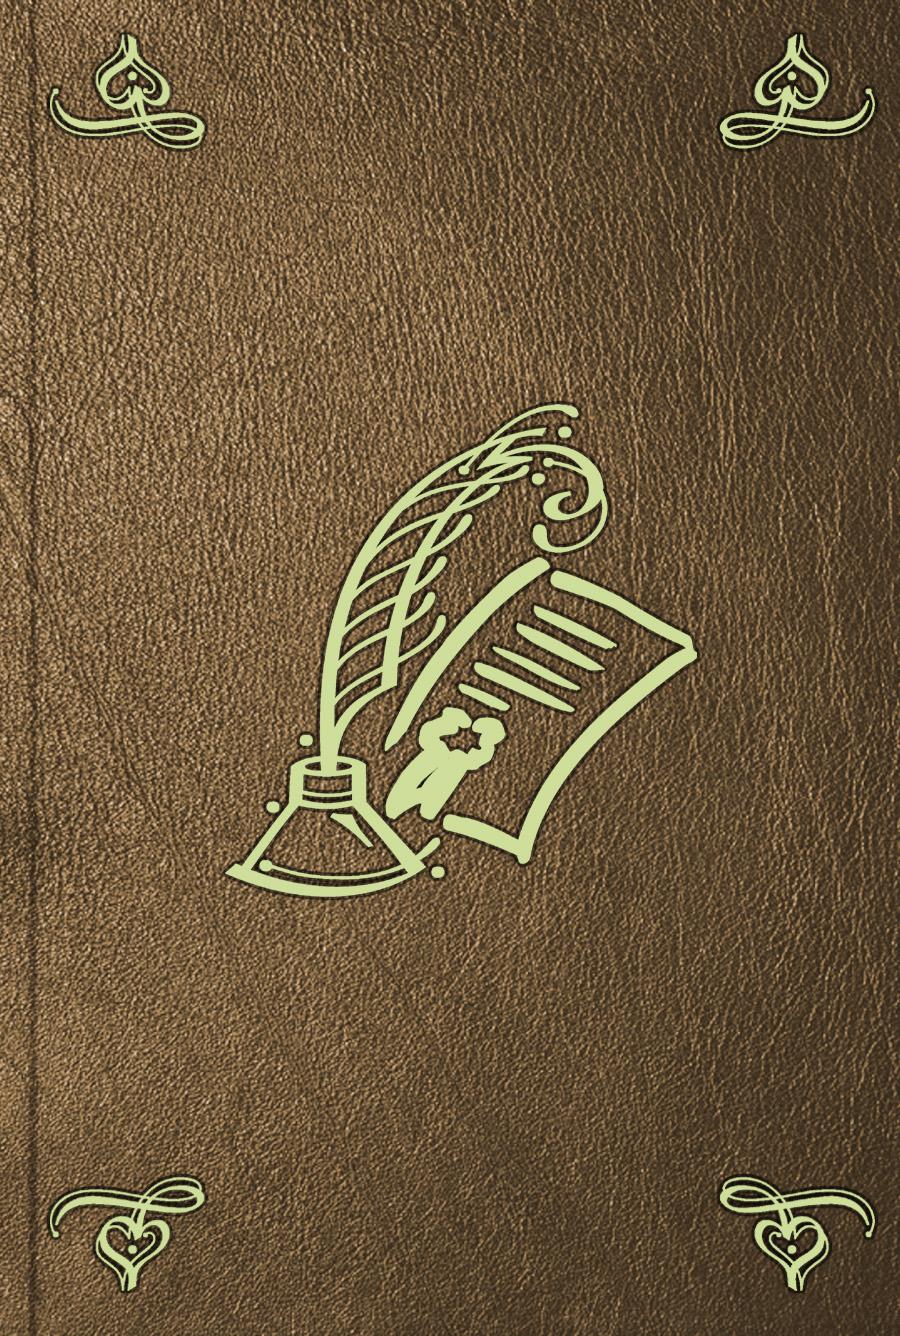 Отсутствует Инструкция полковничья пехотнаго полку конфирмованная от ея императорскаго величества. отсутствует описание пехотнаго полковаго строю разделеннаго в три части